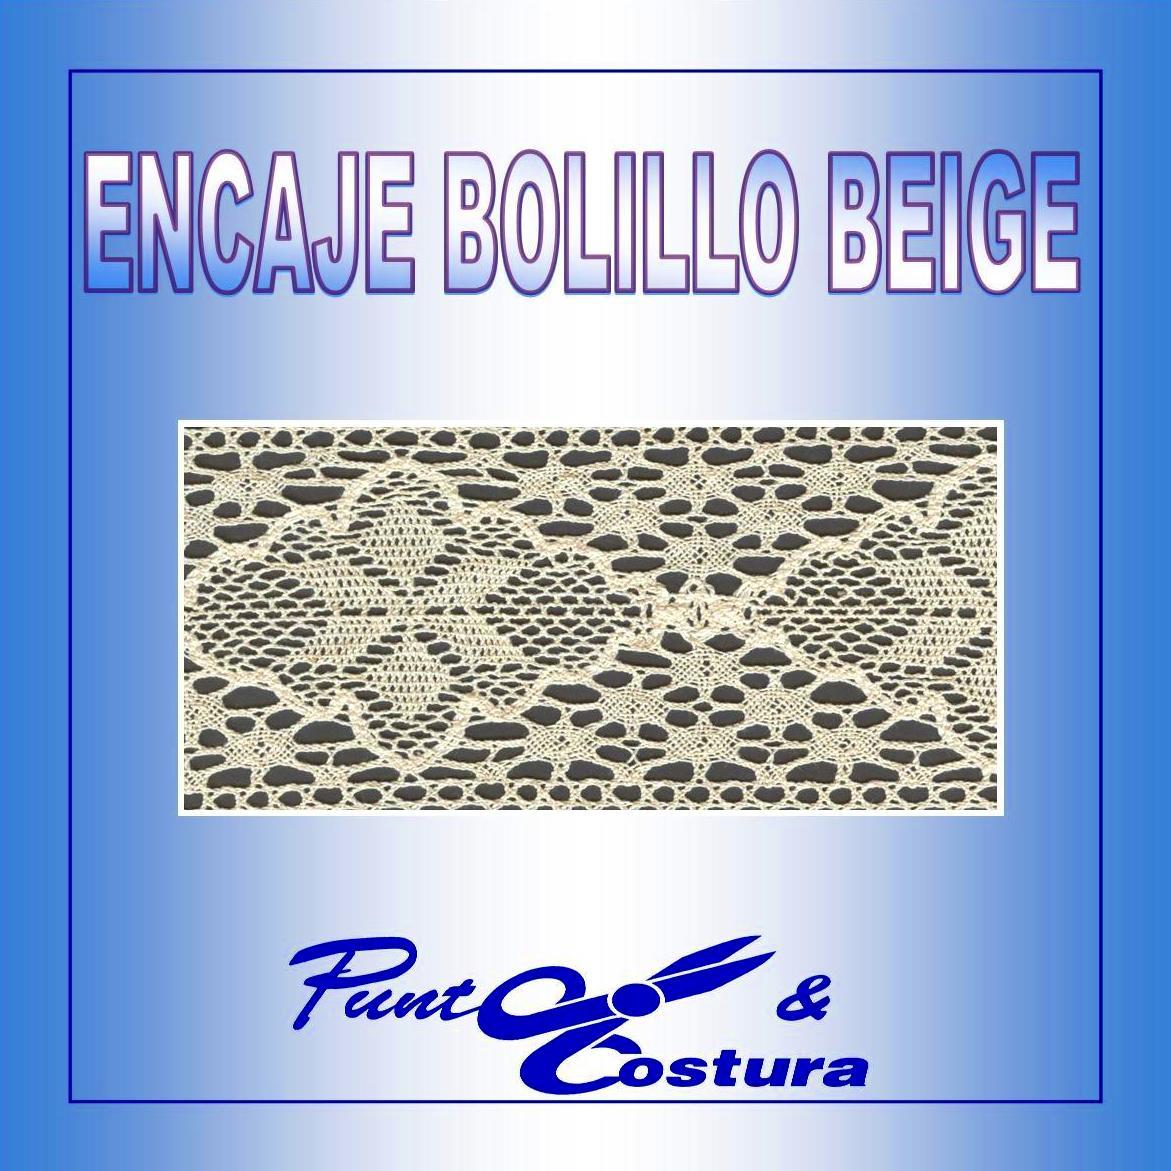 Encaje bolillo Beige: Catálogo de Punto & Costura